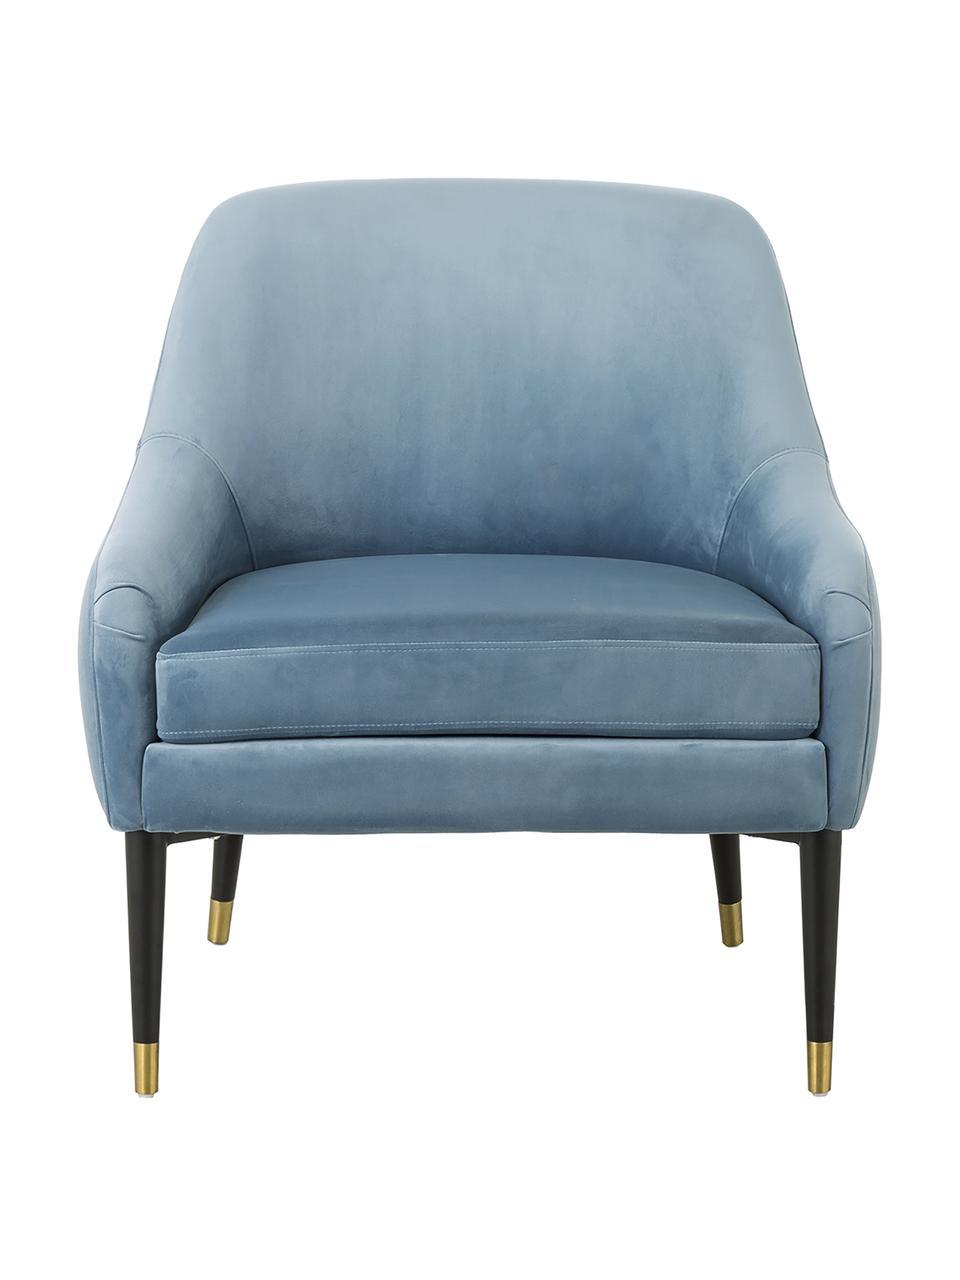 Samt-Cocktailsessel Eugenia in Blau, Bezug: Samt (Polyester) Der hoch, Beine: Metall, pulverbeschichtet, Samt Hellblau, B 75 x T 79 cm